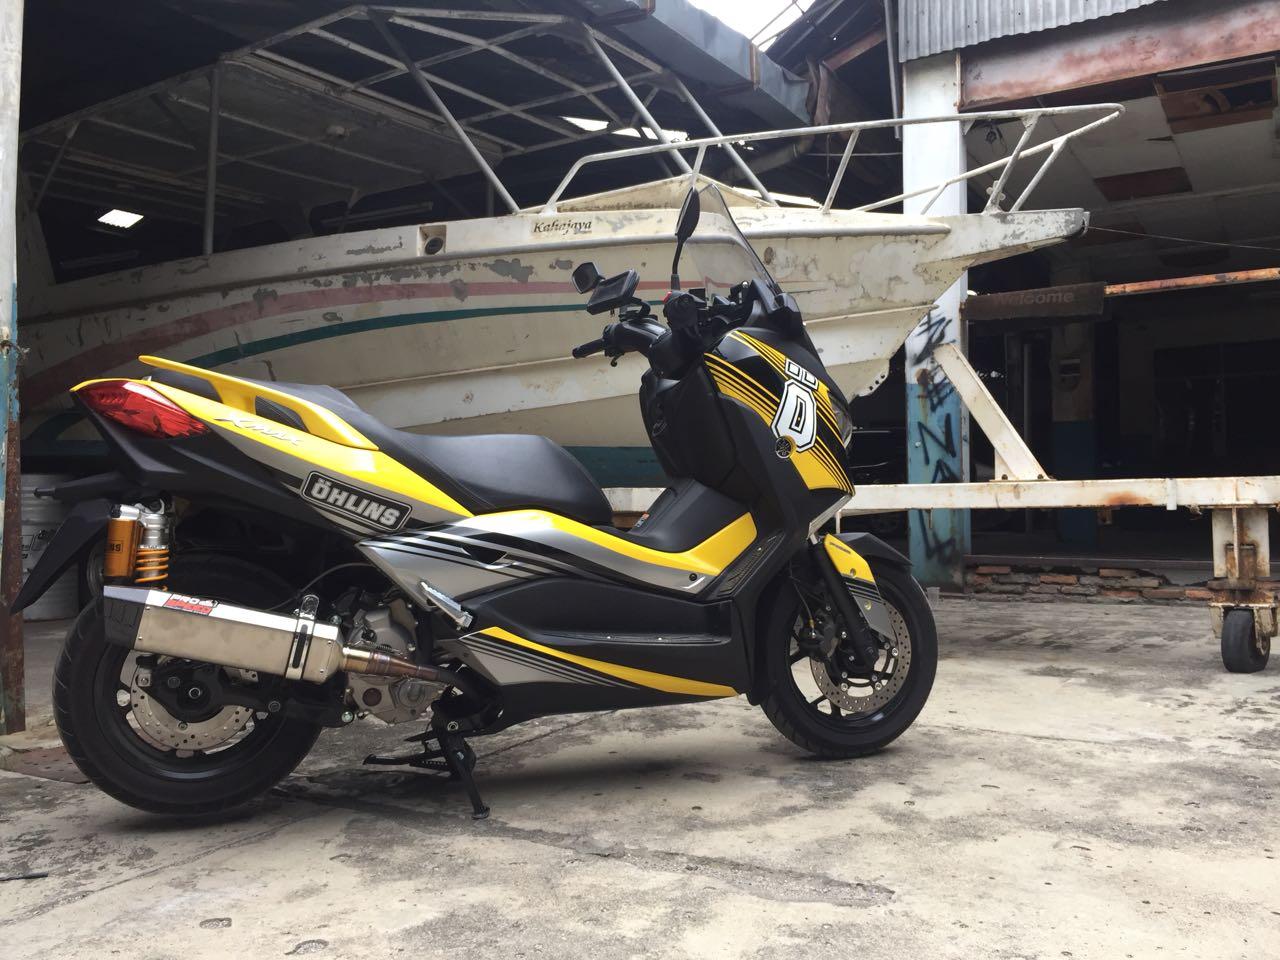 Modifikasi Yamaha Xmax, Iconic Bike Ohlins Indonesia